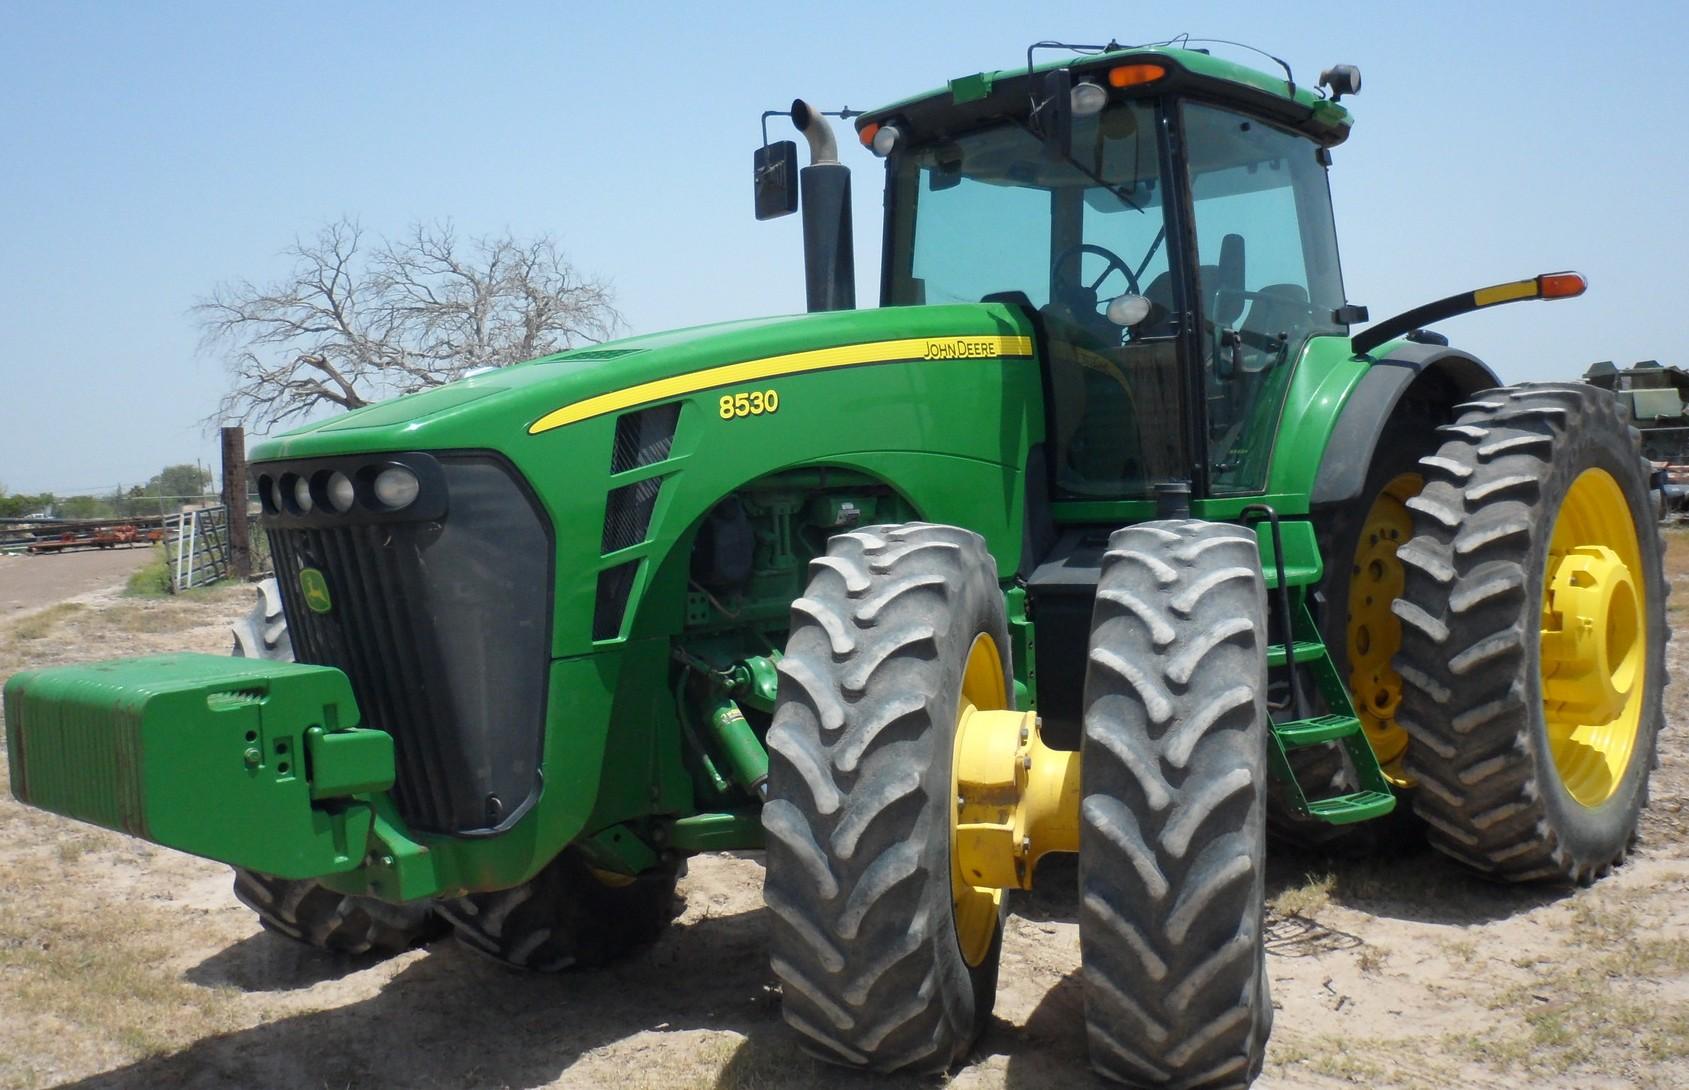 Most Popular John Deere Tractor : Key features that fuel the popularity of john deere